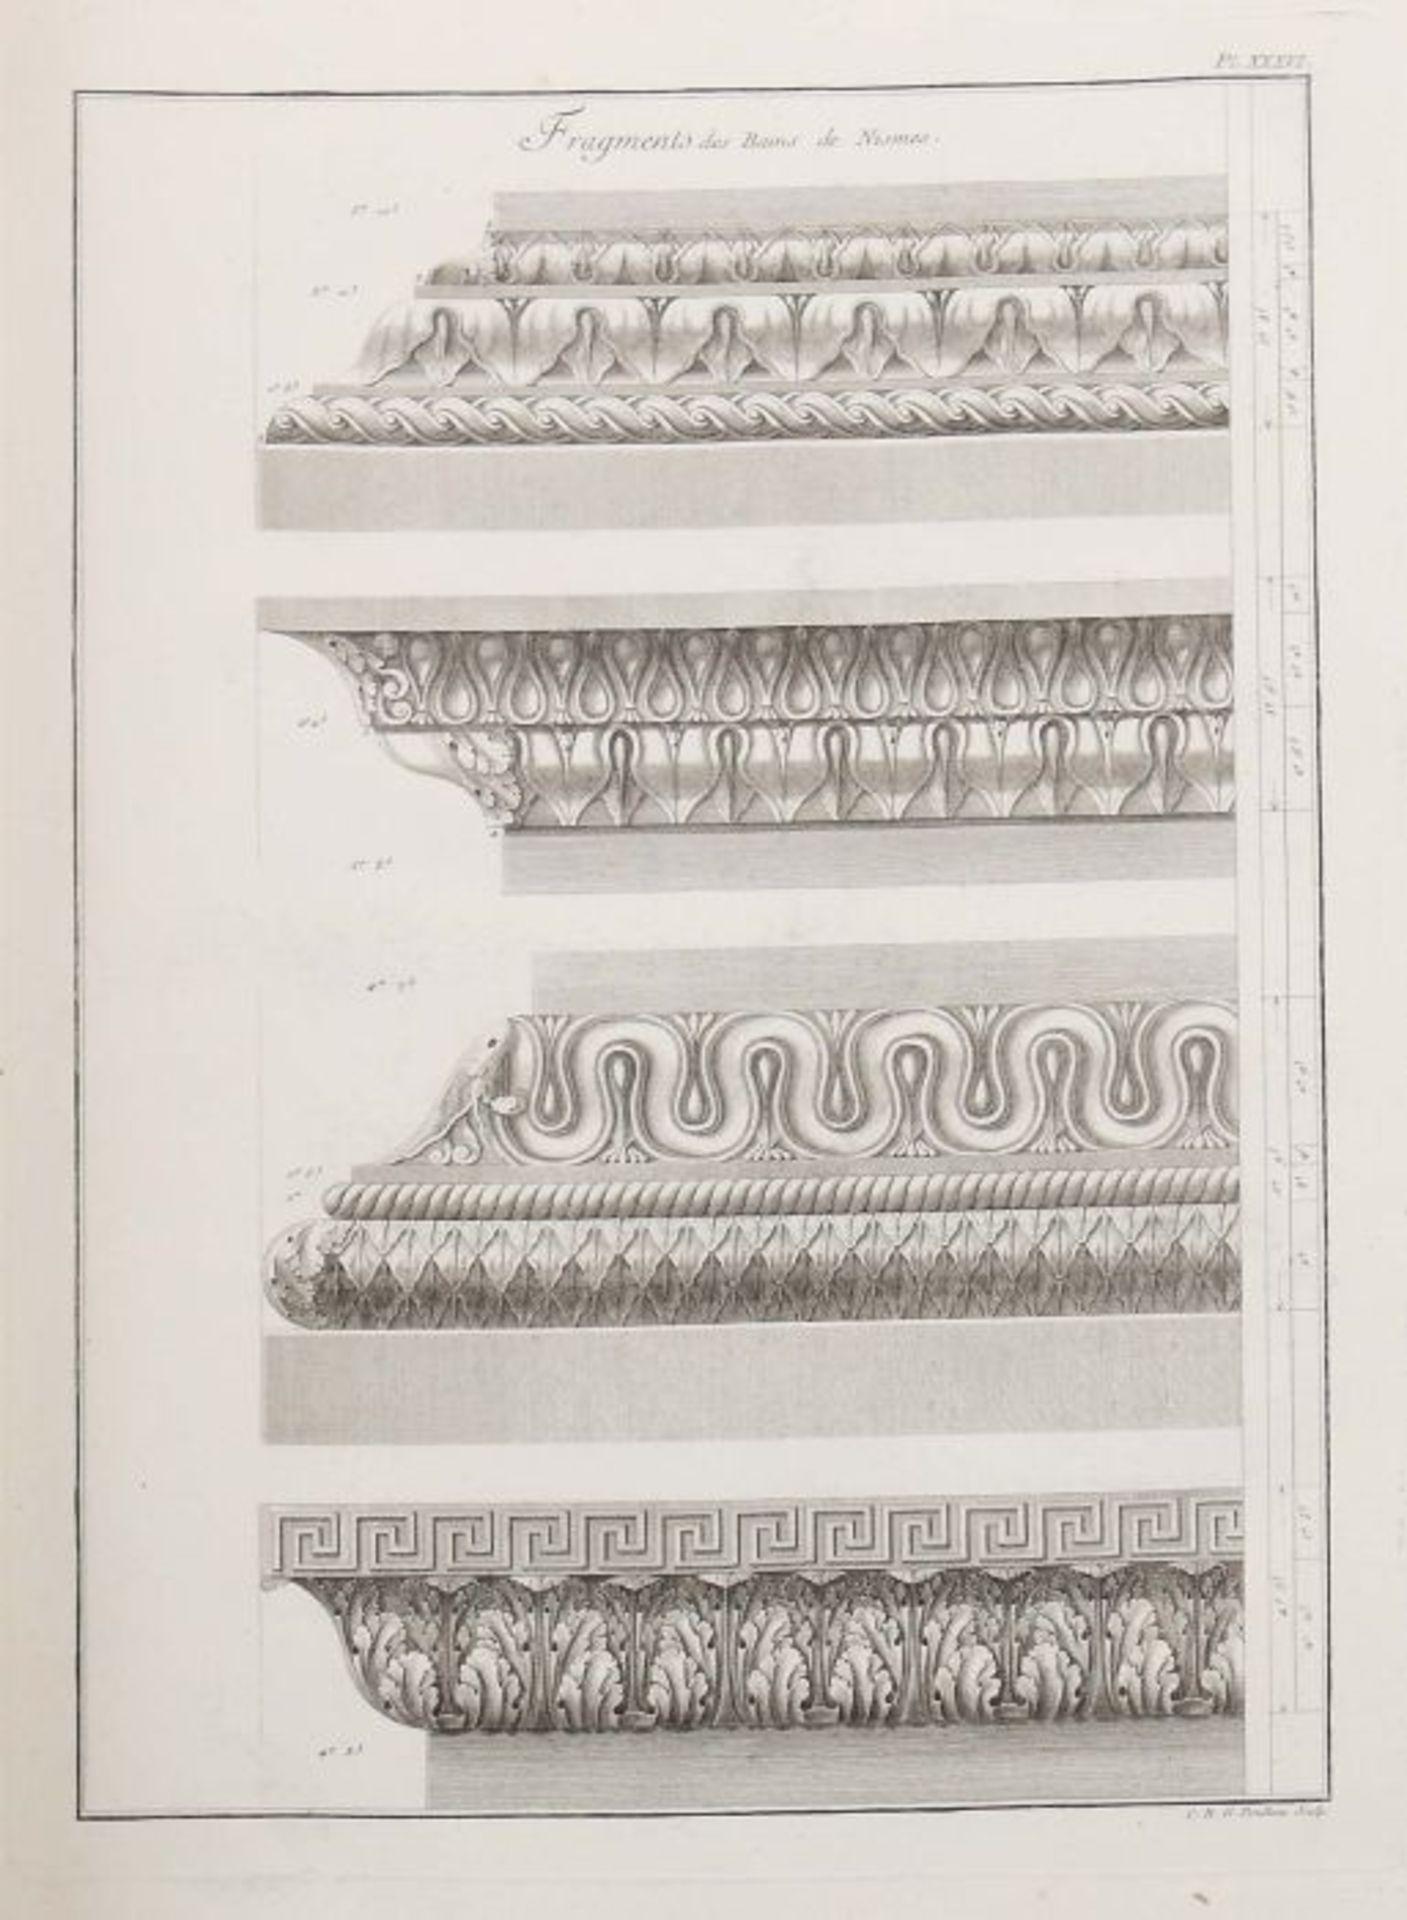 Clérisseau, Charles-Louis Antiquités de la France - Monumens de Nismes, Pierres, Paris, 1778, - Bild 10 aus 11